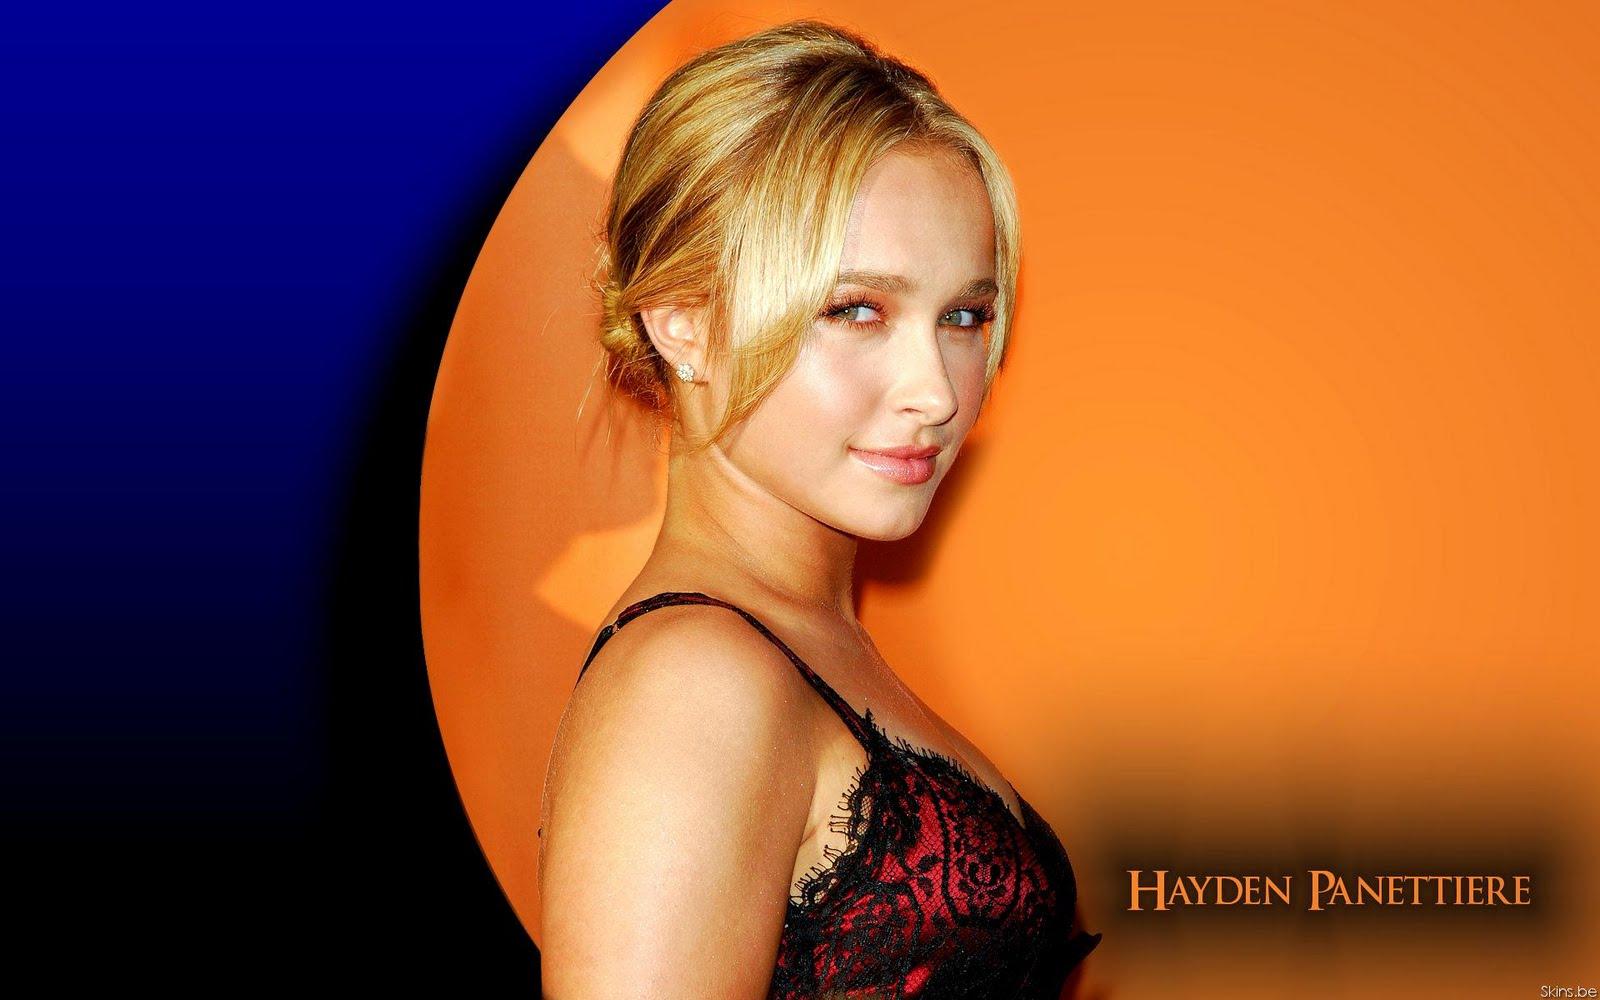 http://3.bp.blogspot.com/-OR8_NDkPvnk/TtpL6NBuQSI/AAAAAAAAKKU/ZJsUR-fYlcE/s1600/Hayden_Panettiere_hd_Glamour_Girl_Wallpapers_03.jpg